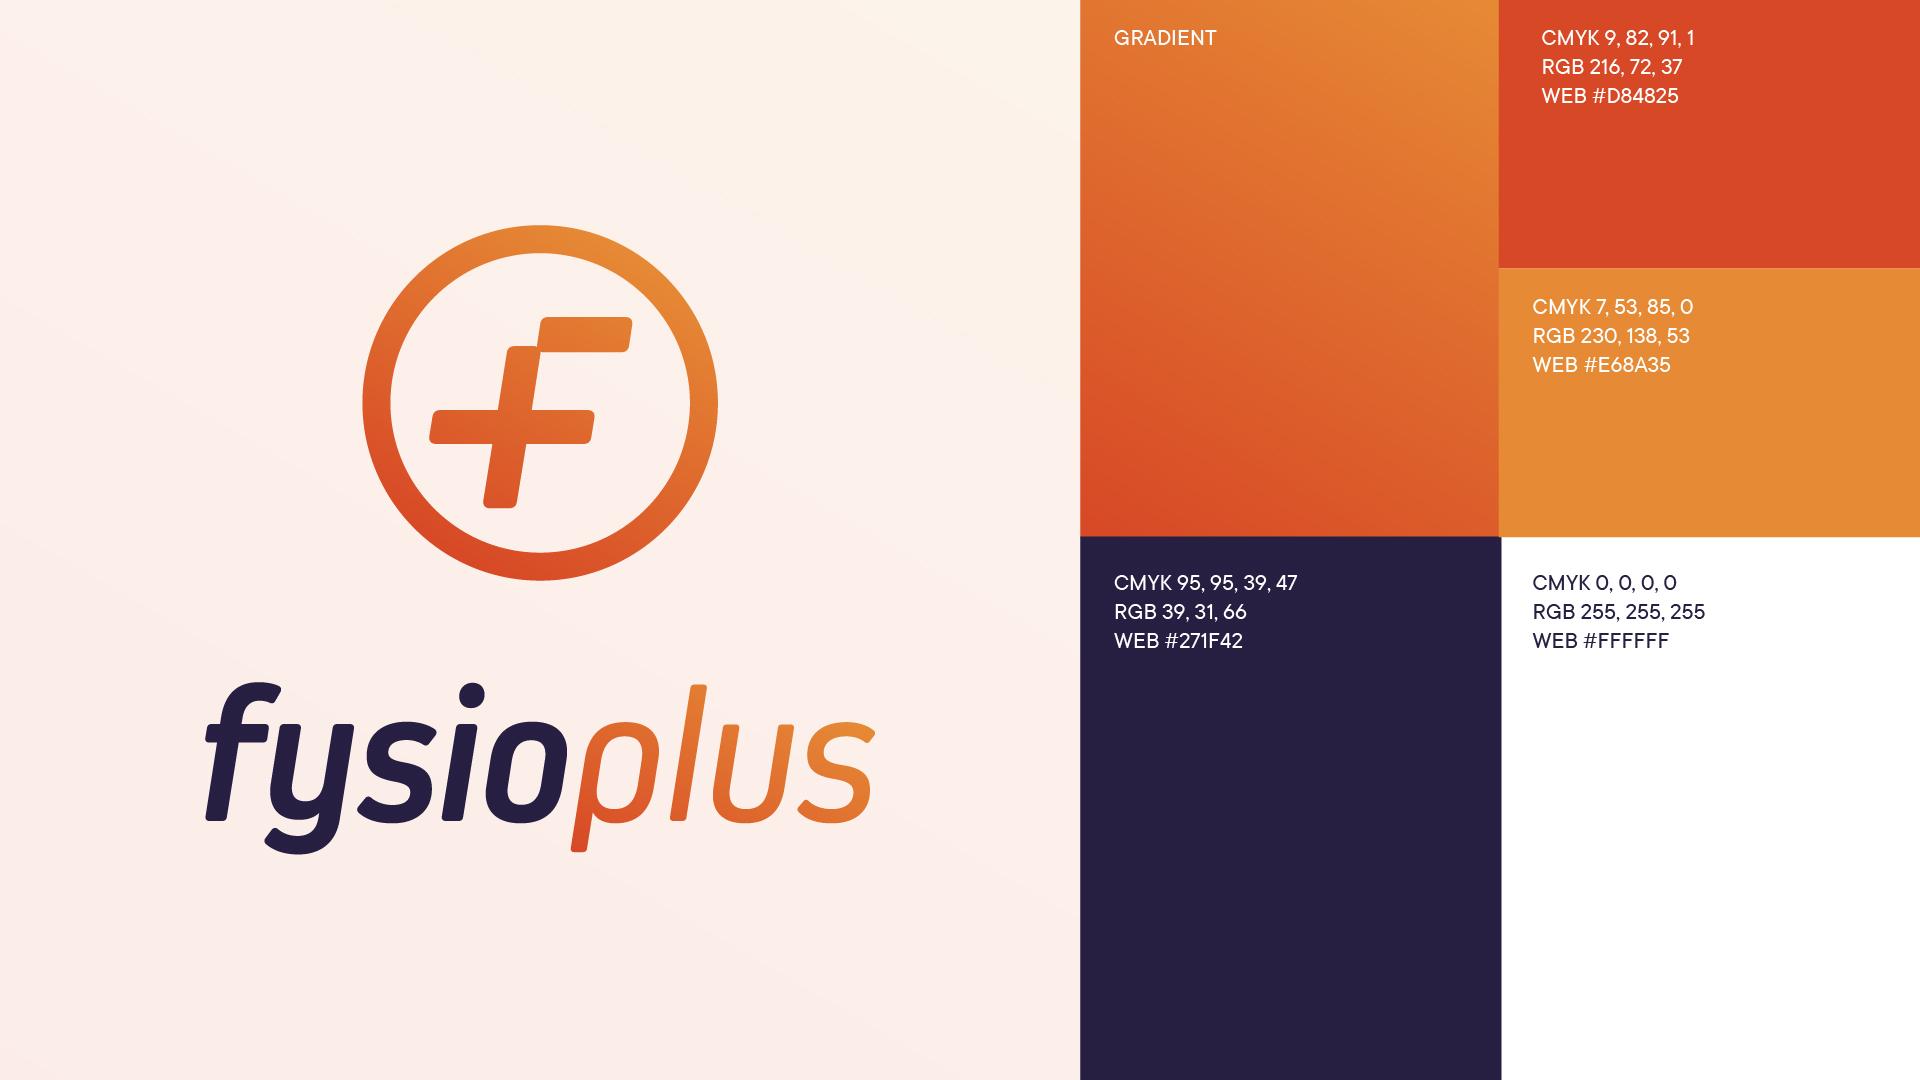 Fysioplus